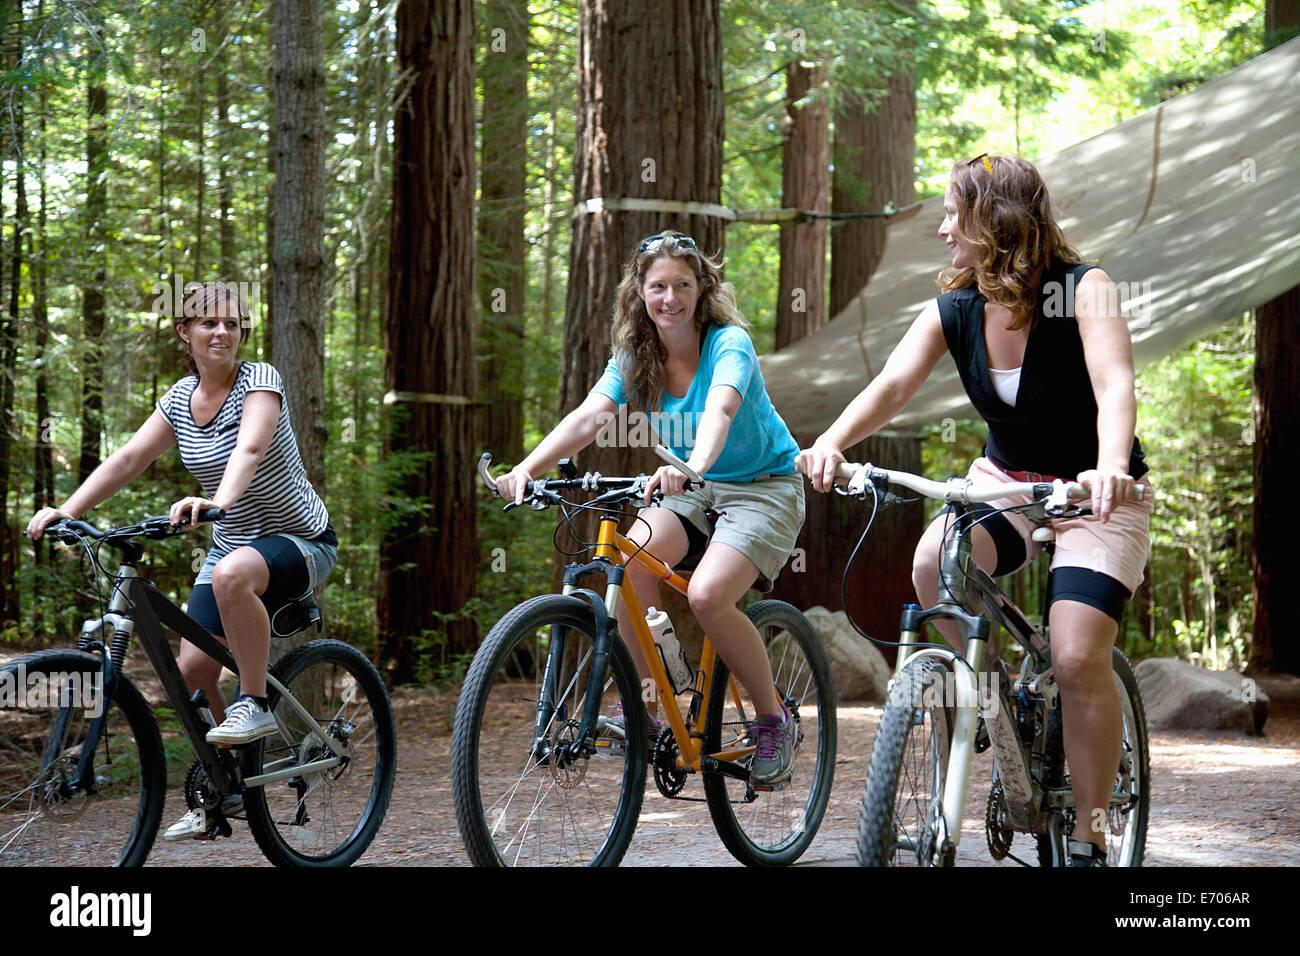 Trois femmes du vélo de montagne Vélo de course en forêt Photo Stock